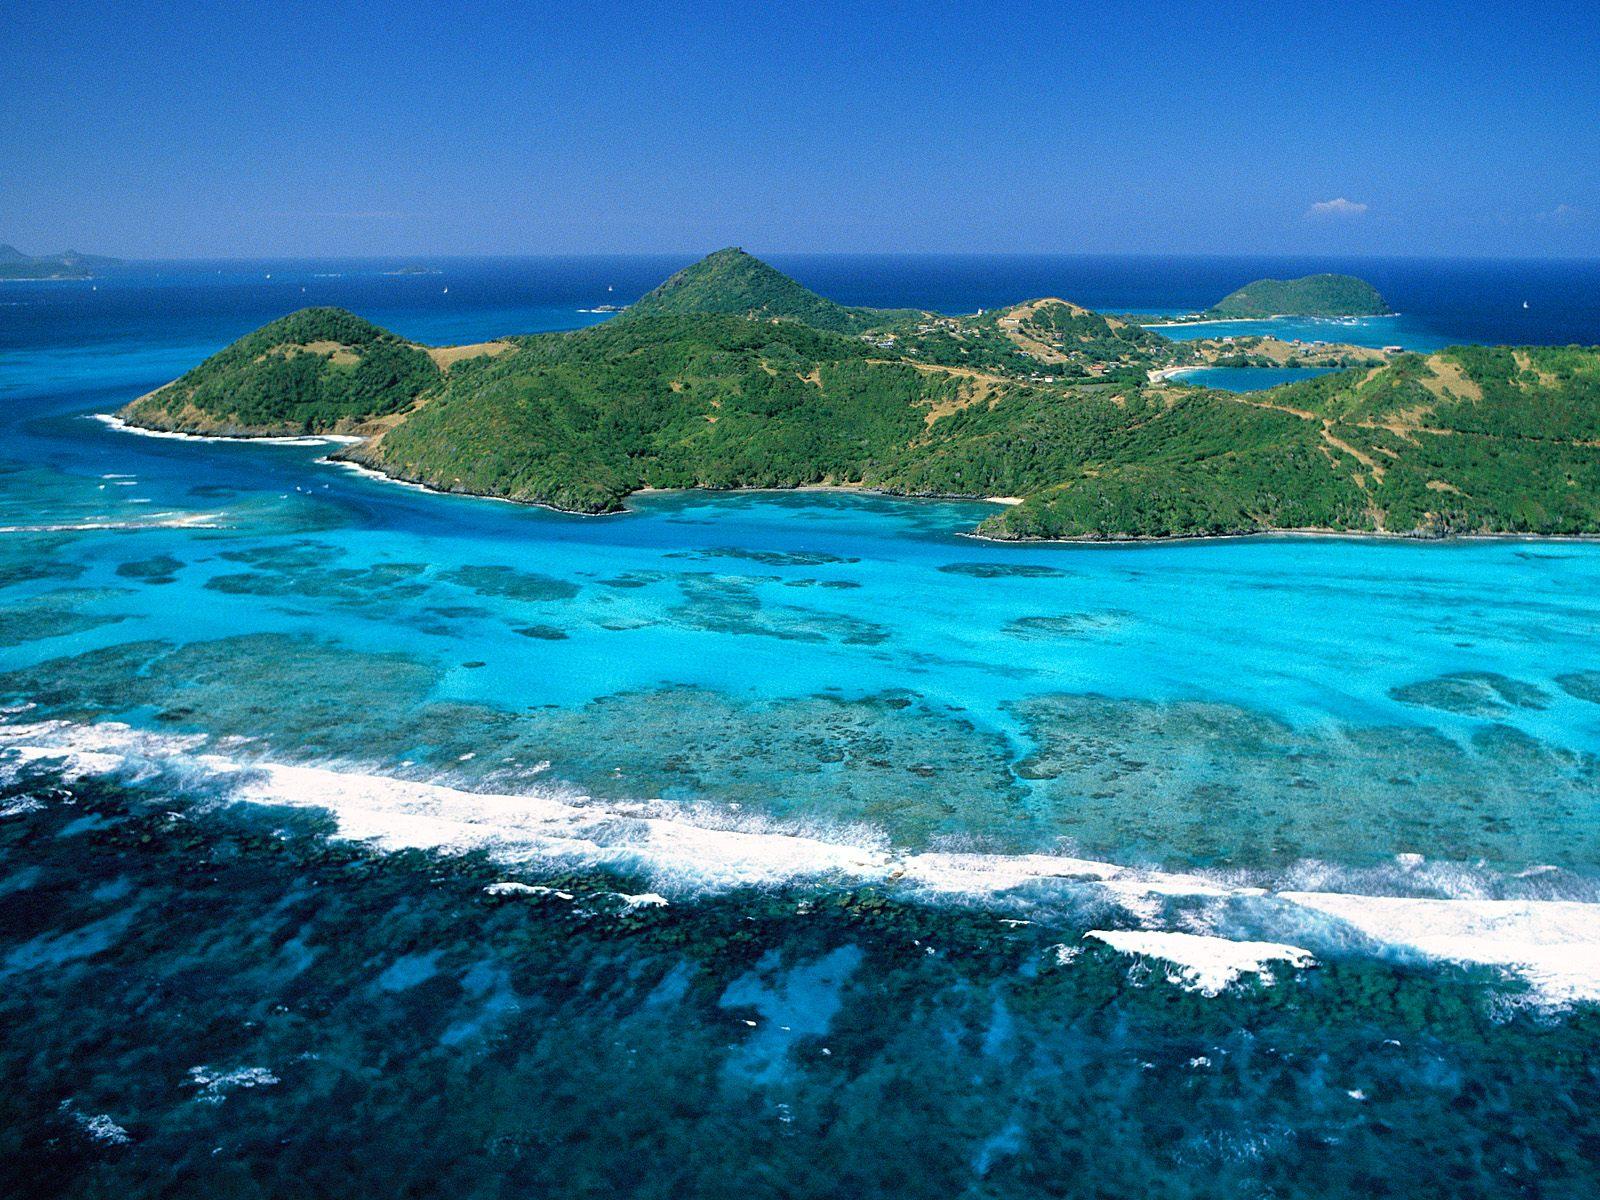 http://3.bp.blogspot.com/_lZ0PjAyUf4I/TE6i2YJ5pjI/AAAAAAAADxM/g1JMmhuXup8/s1600/Caribbean+(17).jpg